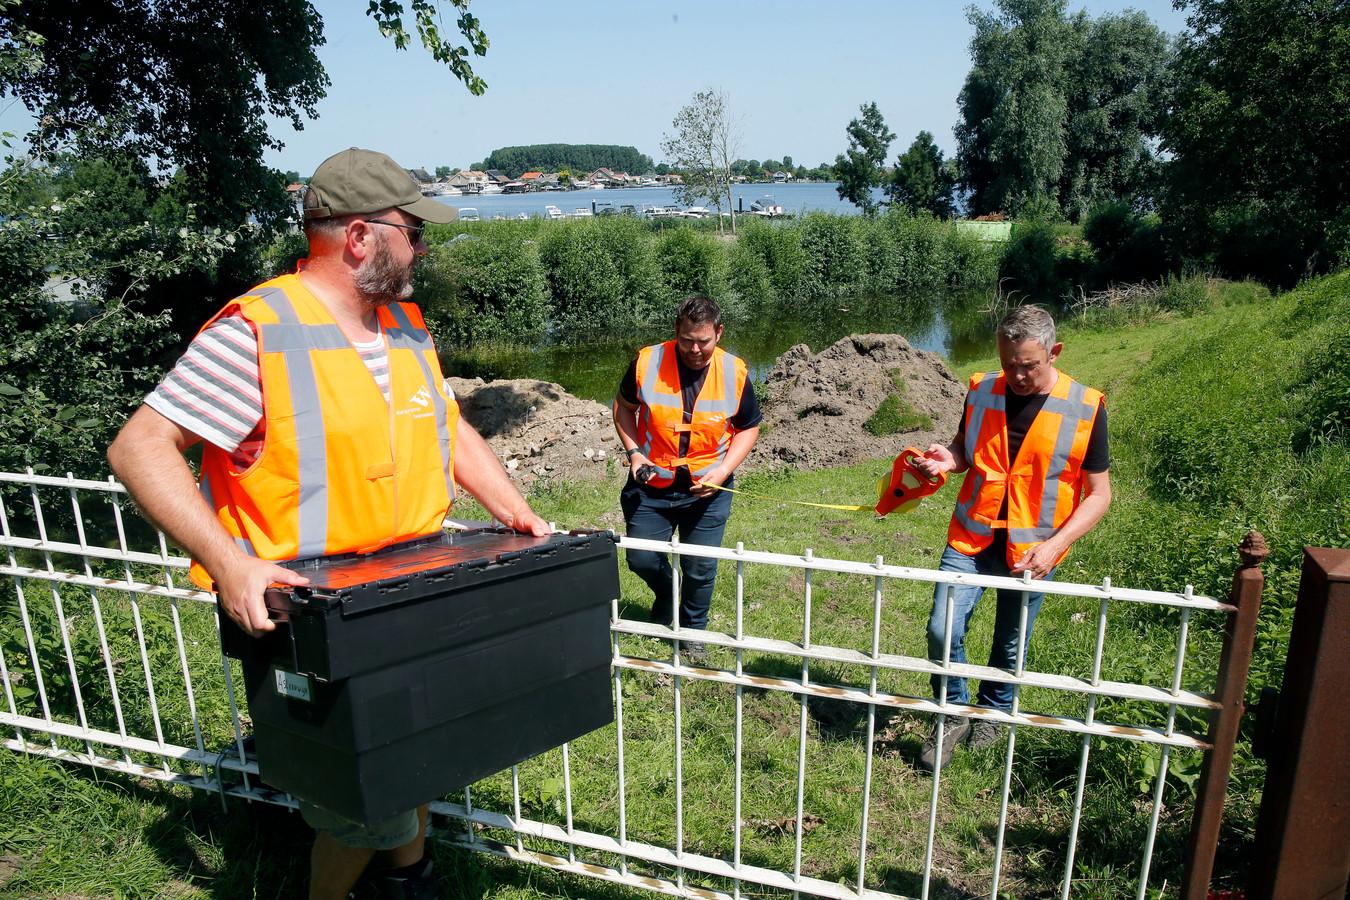 ANDEL,- MEDEWERKERS WATERSCHAP RIVIERENLAND WORDEN INGEZET VOOR DIJKBEWAKING. FOTO COR DE KOCK